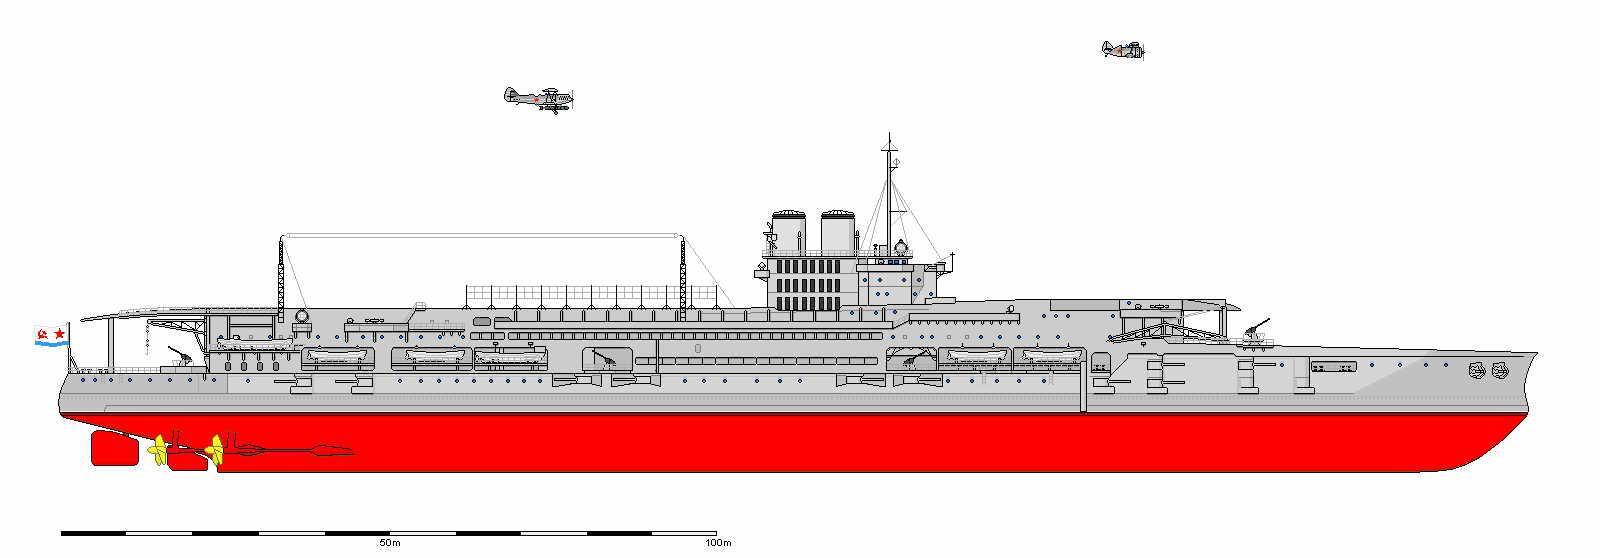 Как первый авианосец СССР в 1937 итальянцев атаковал